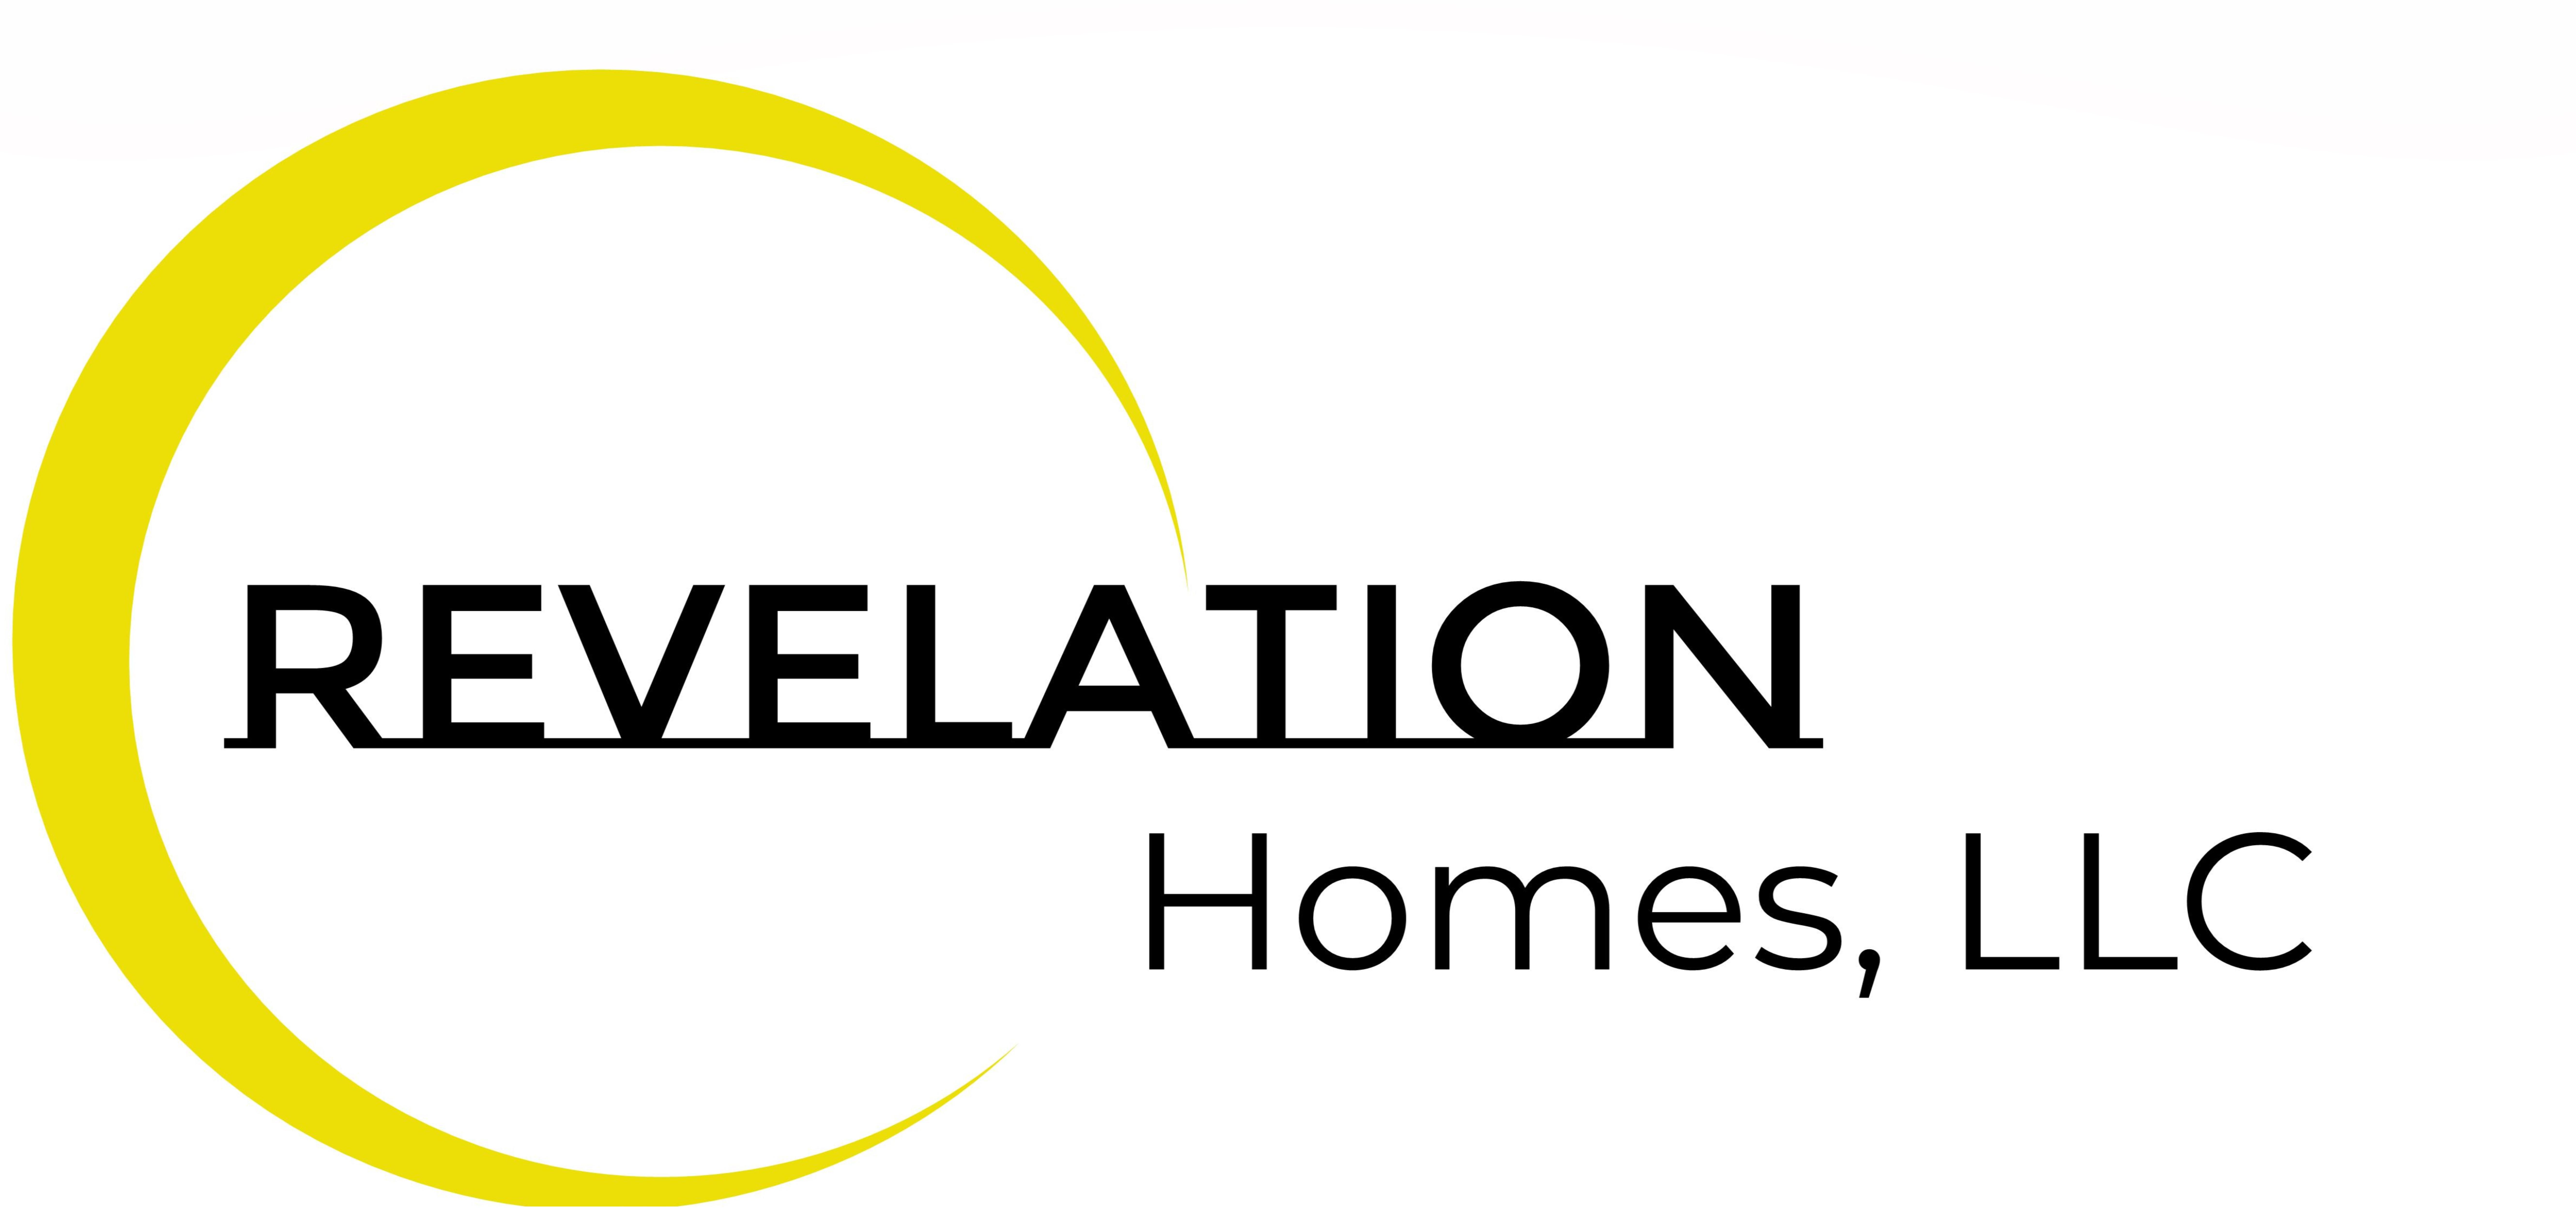 Revelation Homes